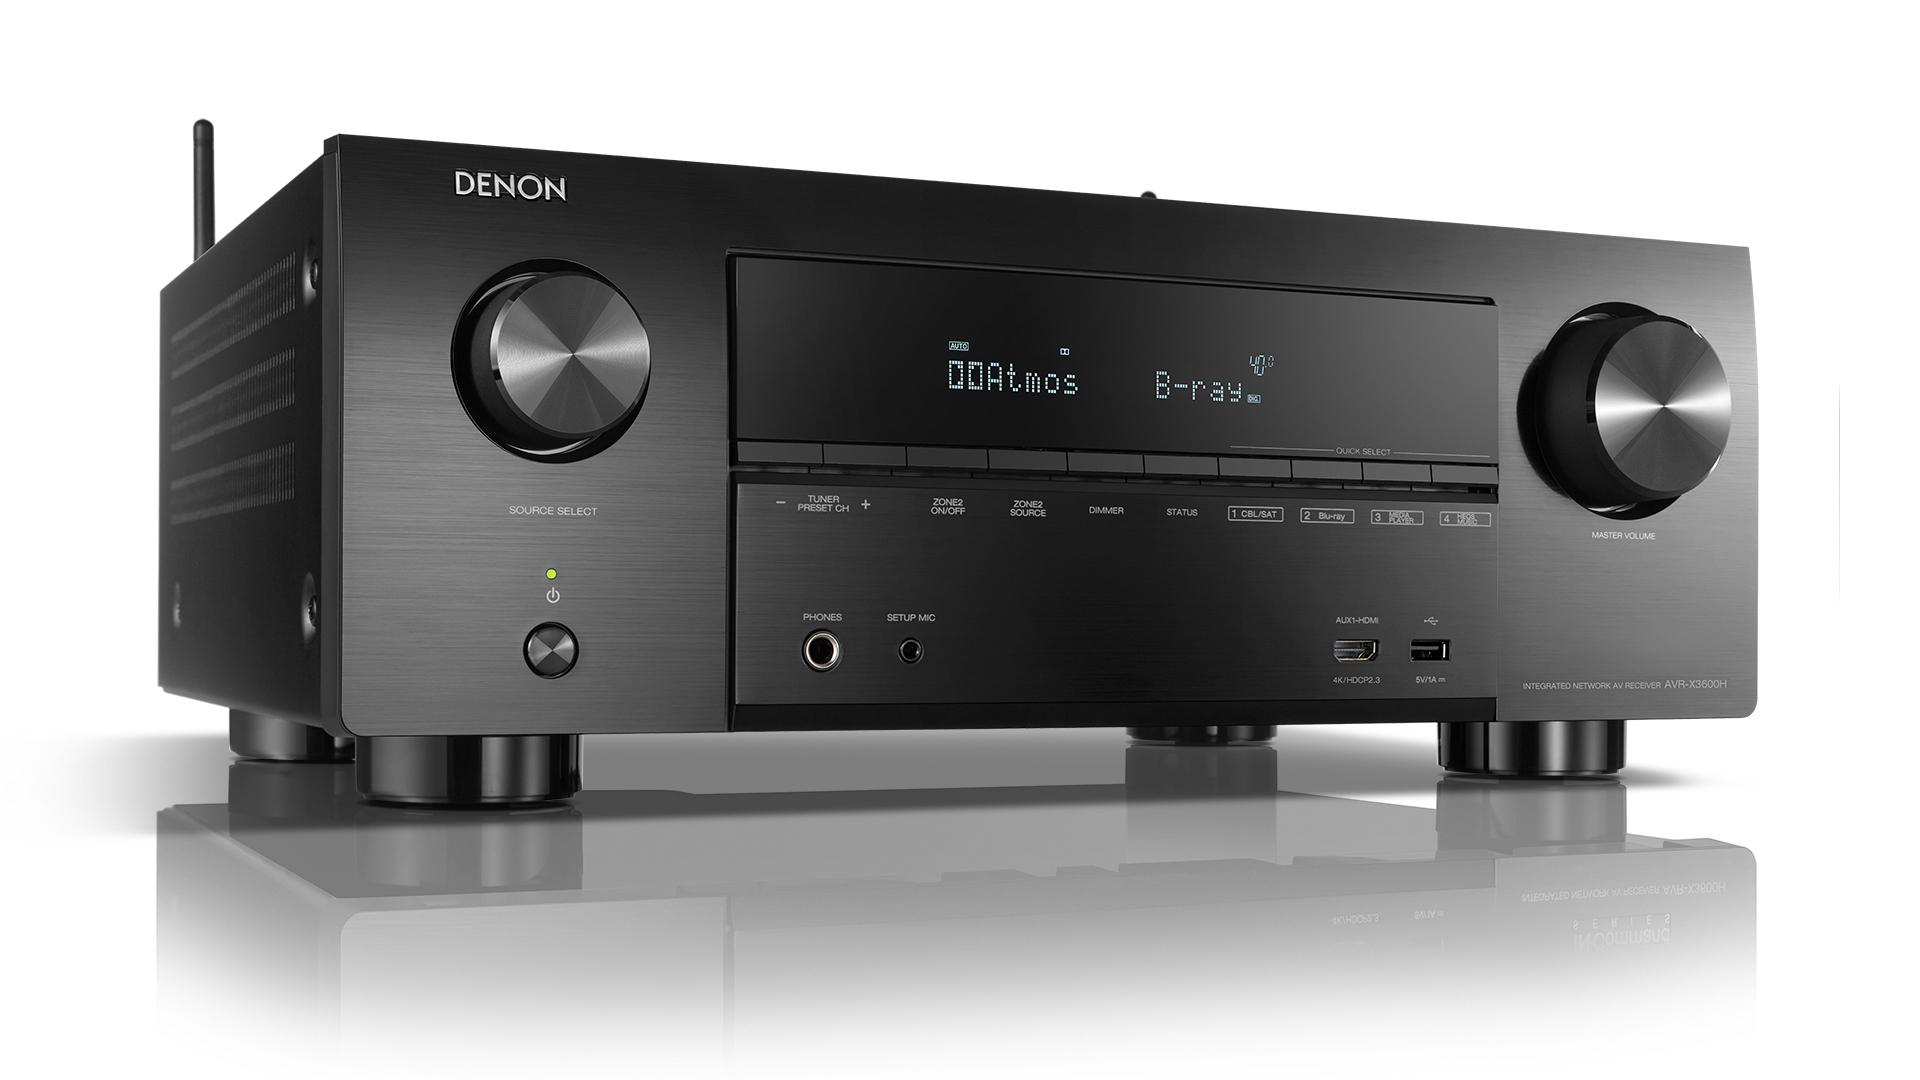 Cách thiết lập bộ thu AV để có âm thanh tốt nhất